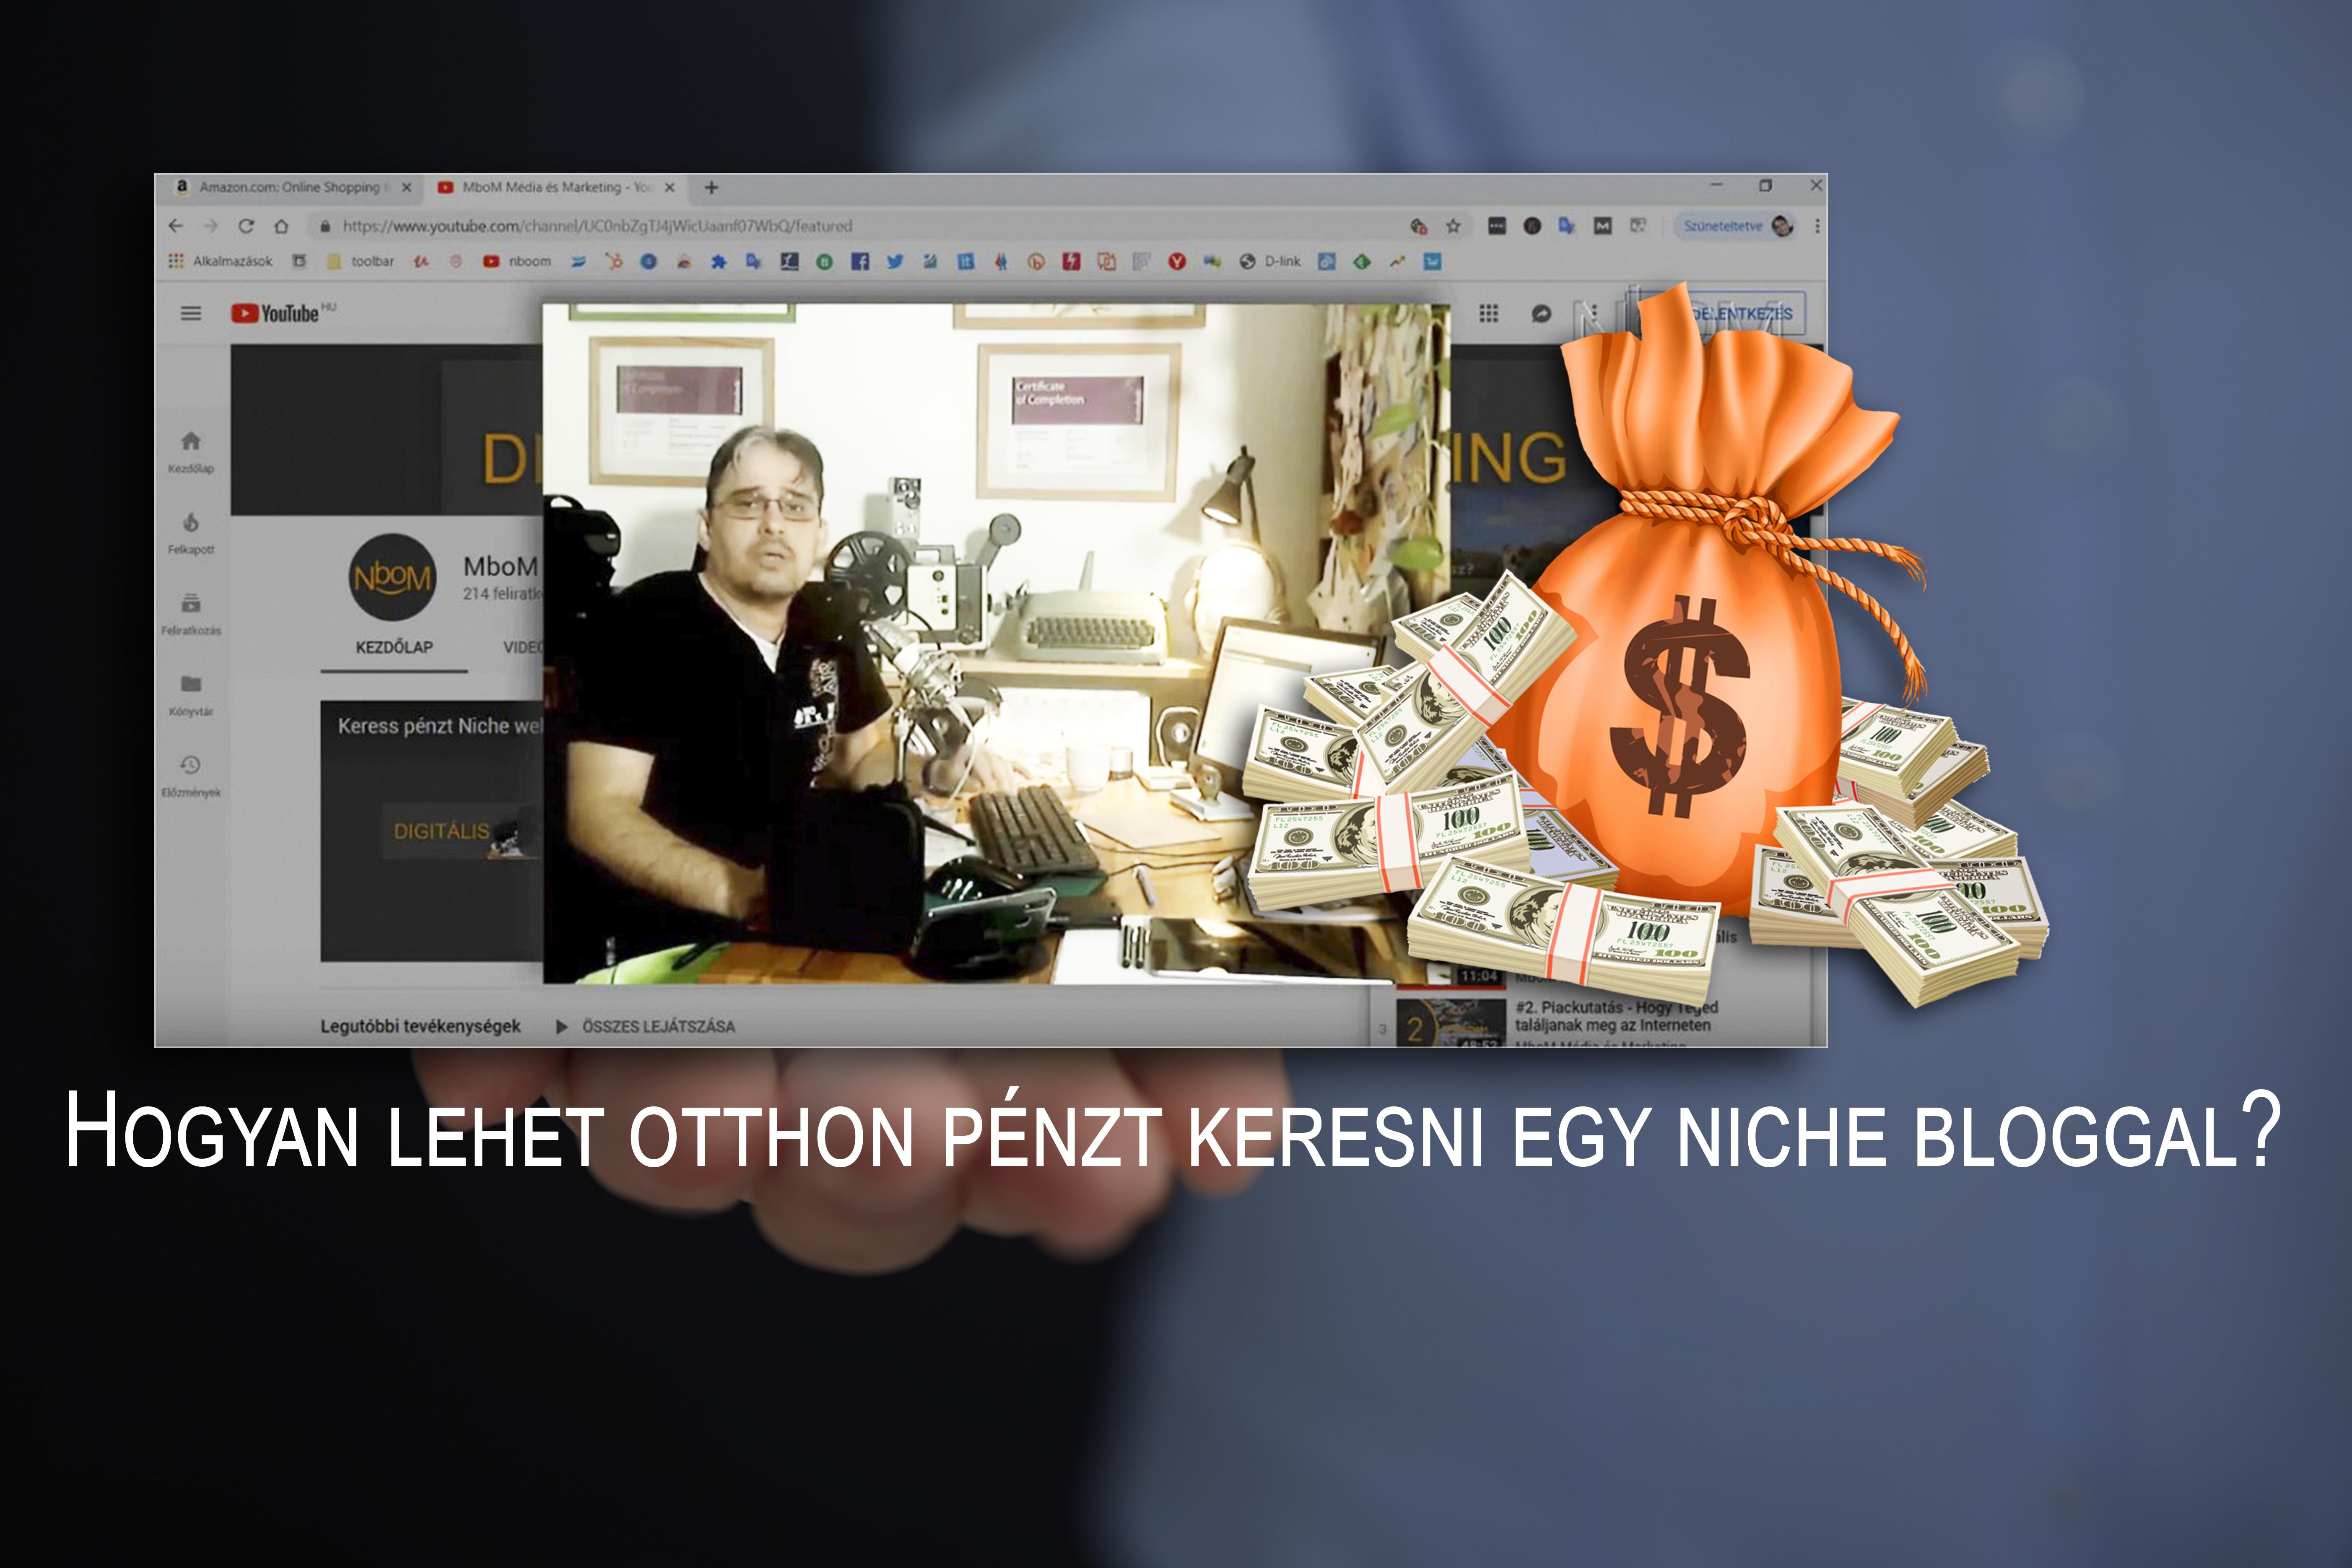 gyorsan készpénzt készíteni)